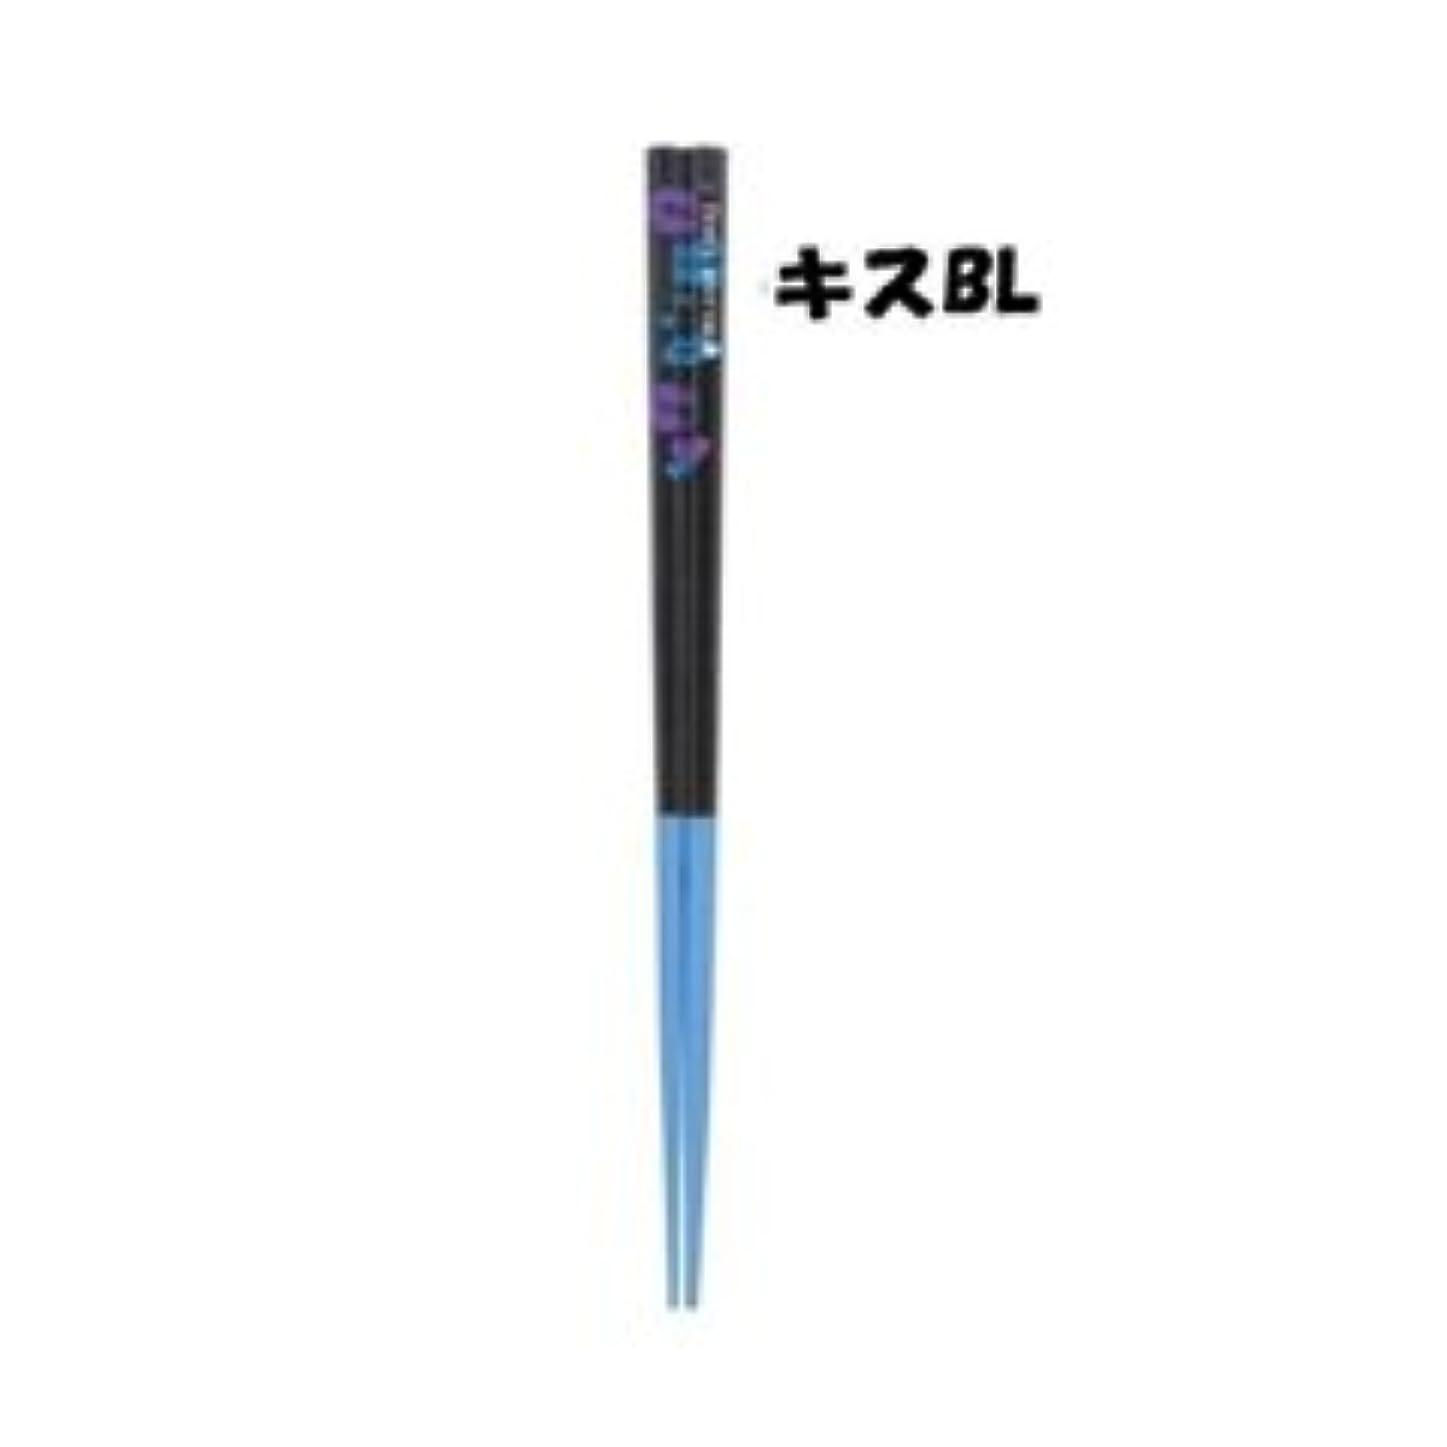 先生タブレット淡い【プライムナカムラ】ダイエット 応援箸 キスブルー